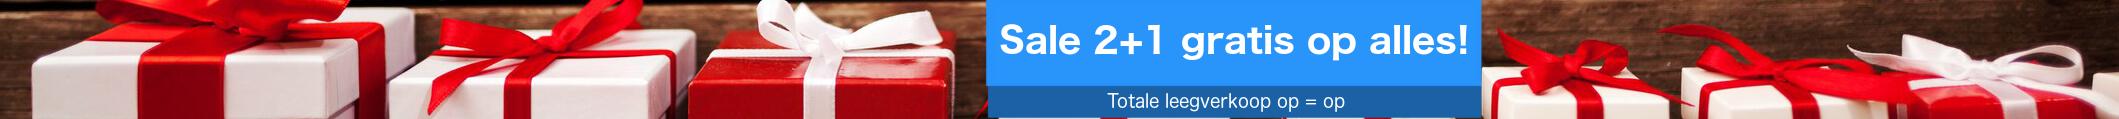 Sale! uitverkoop 2 + 1 gratis